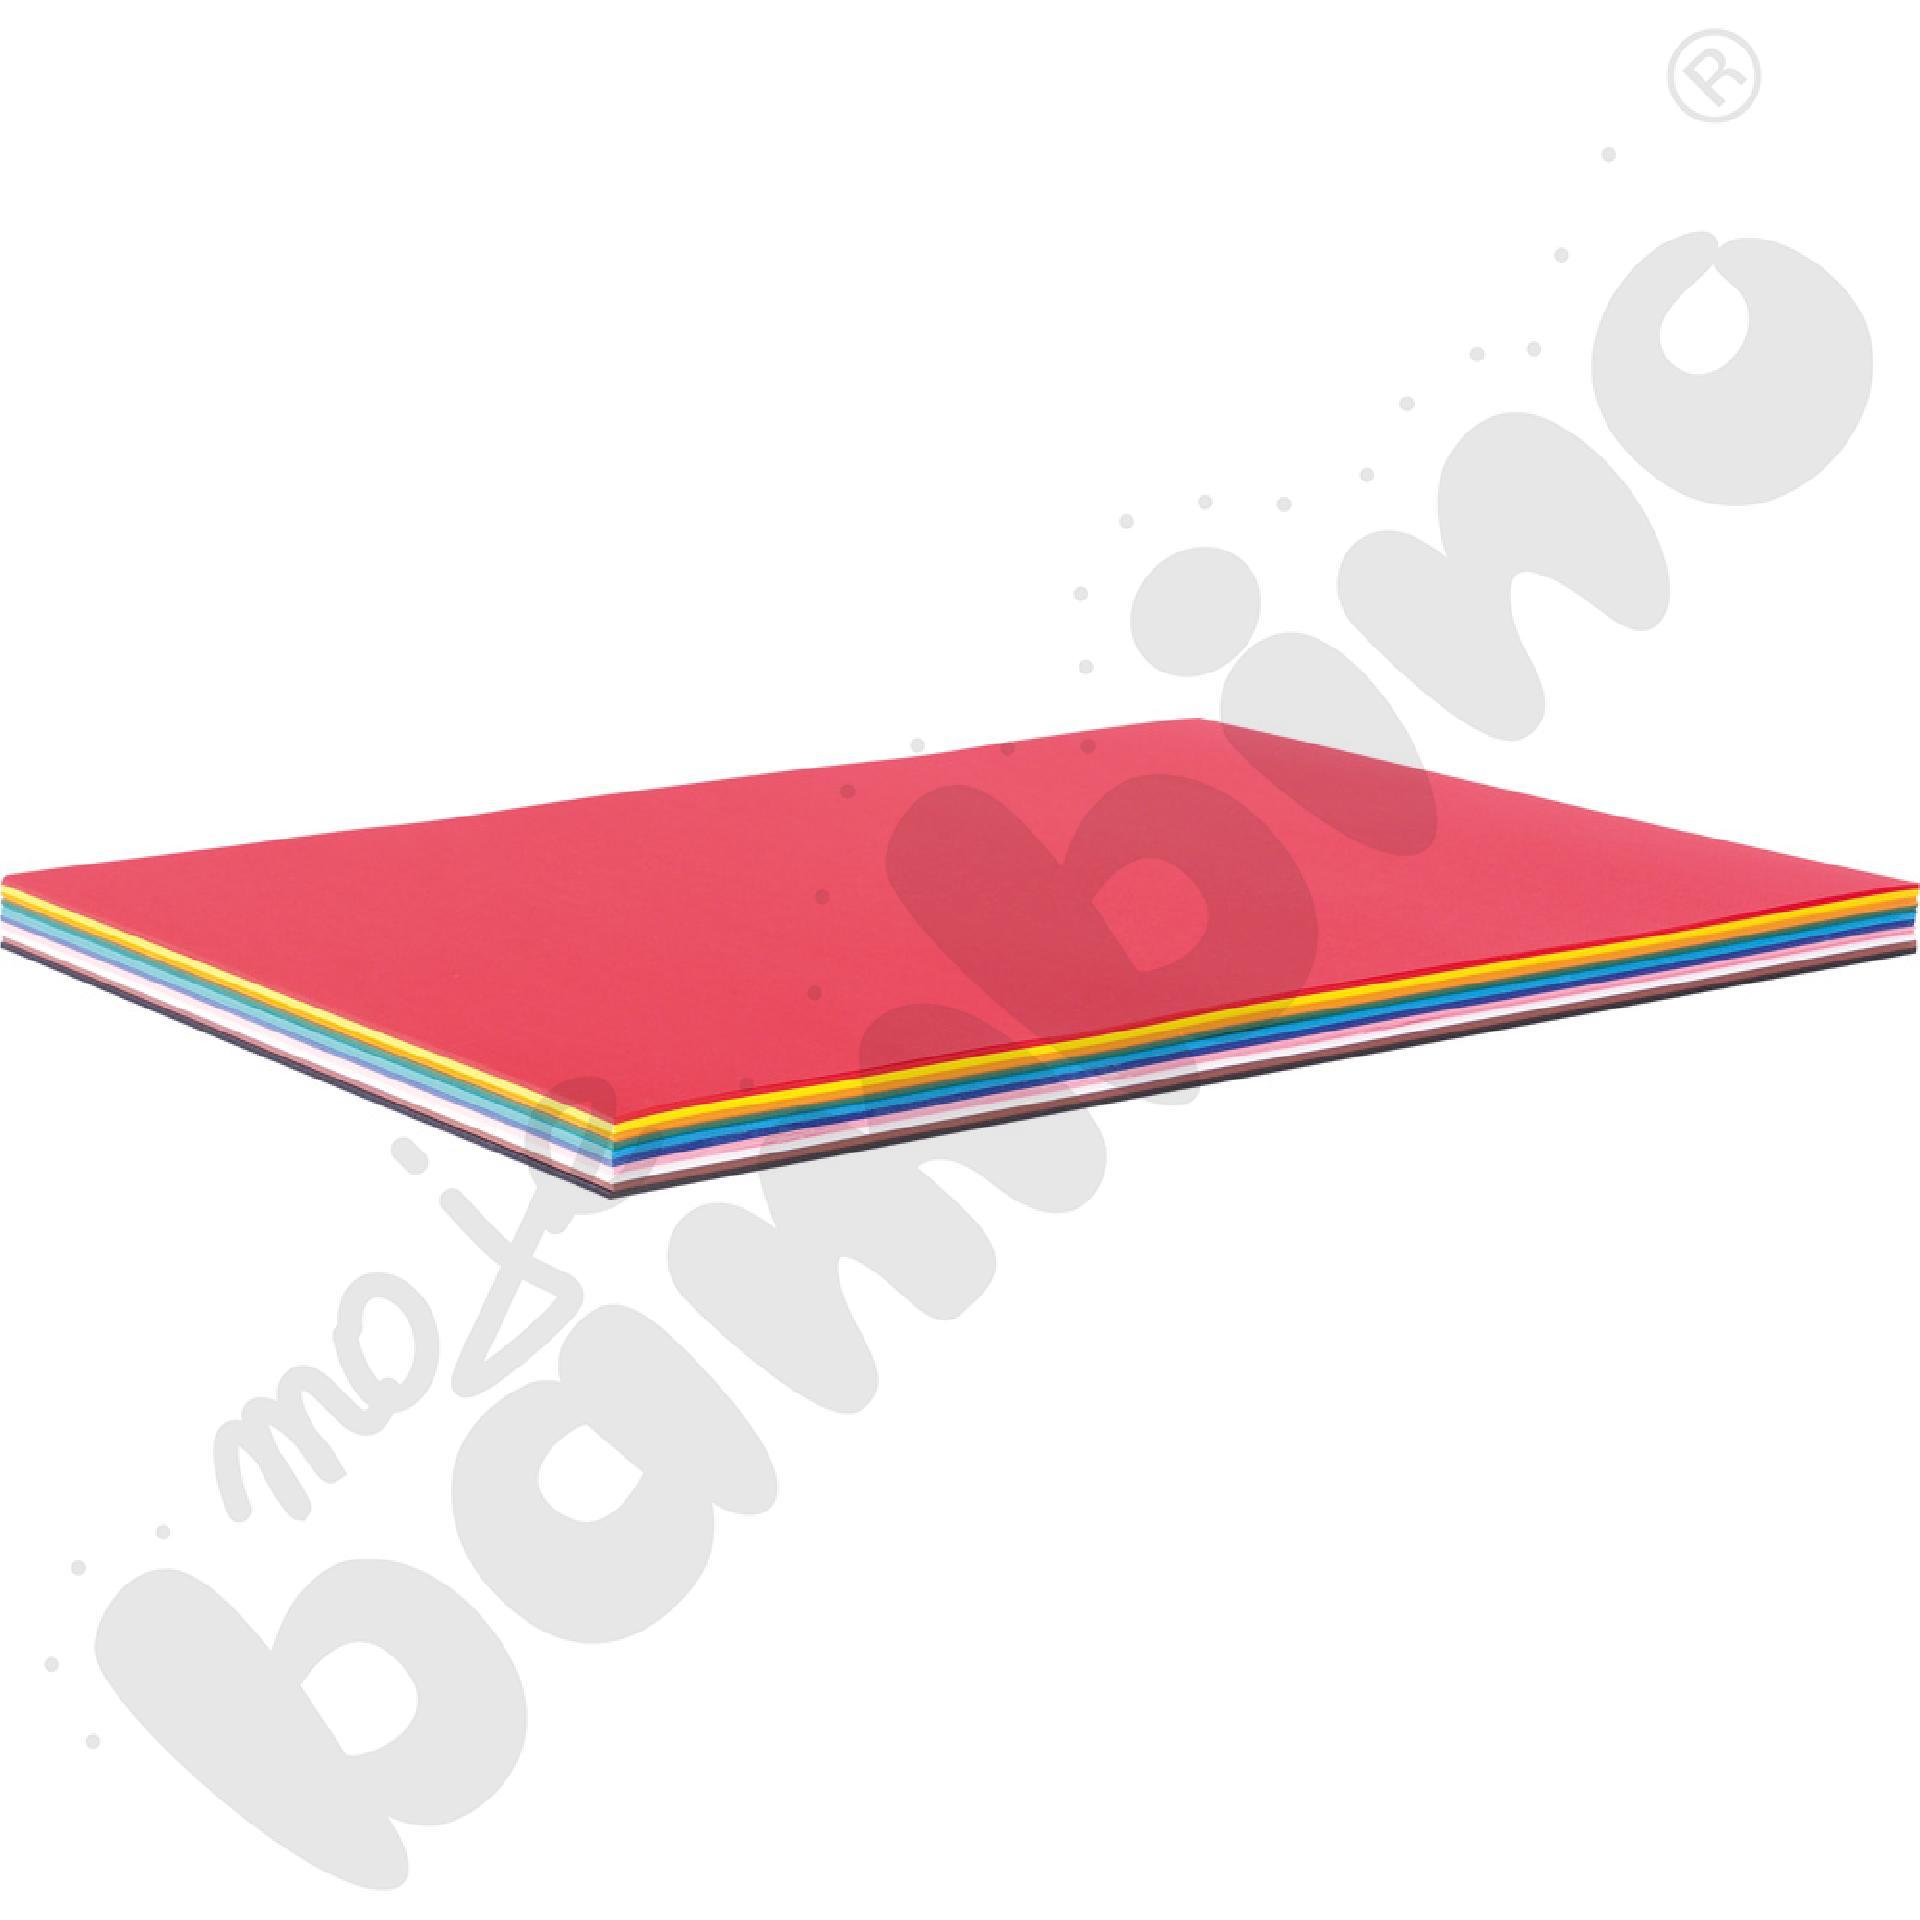 Karton fakturowy 100 arkuszy o wym. 50 x 70 cm 10 kolorów